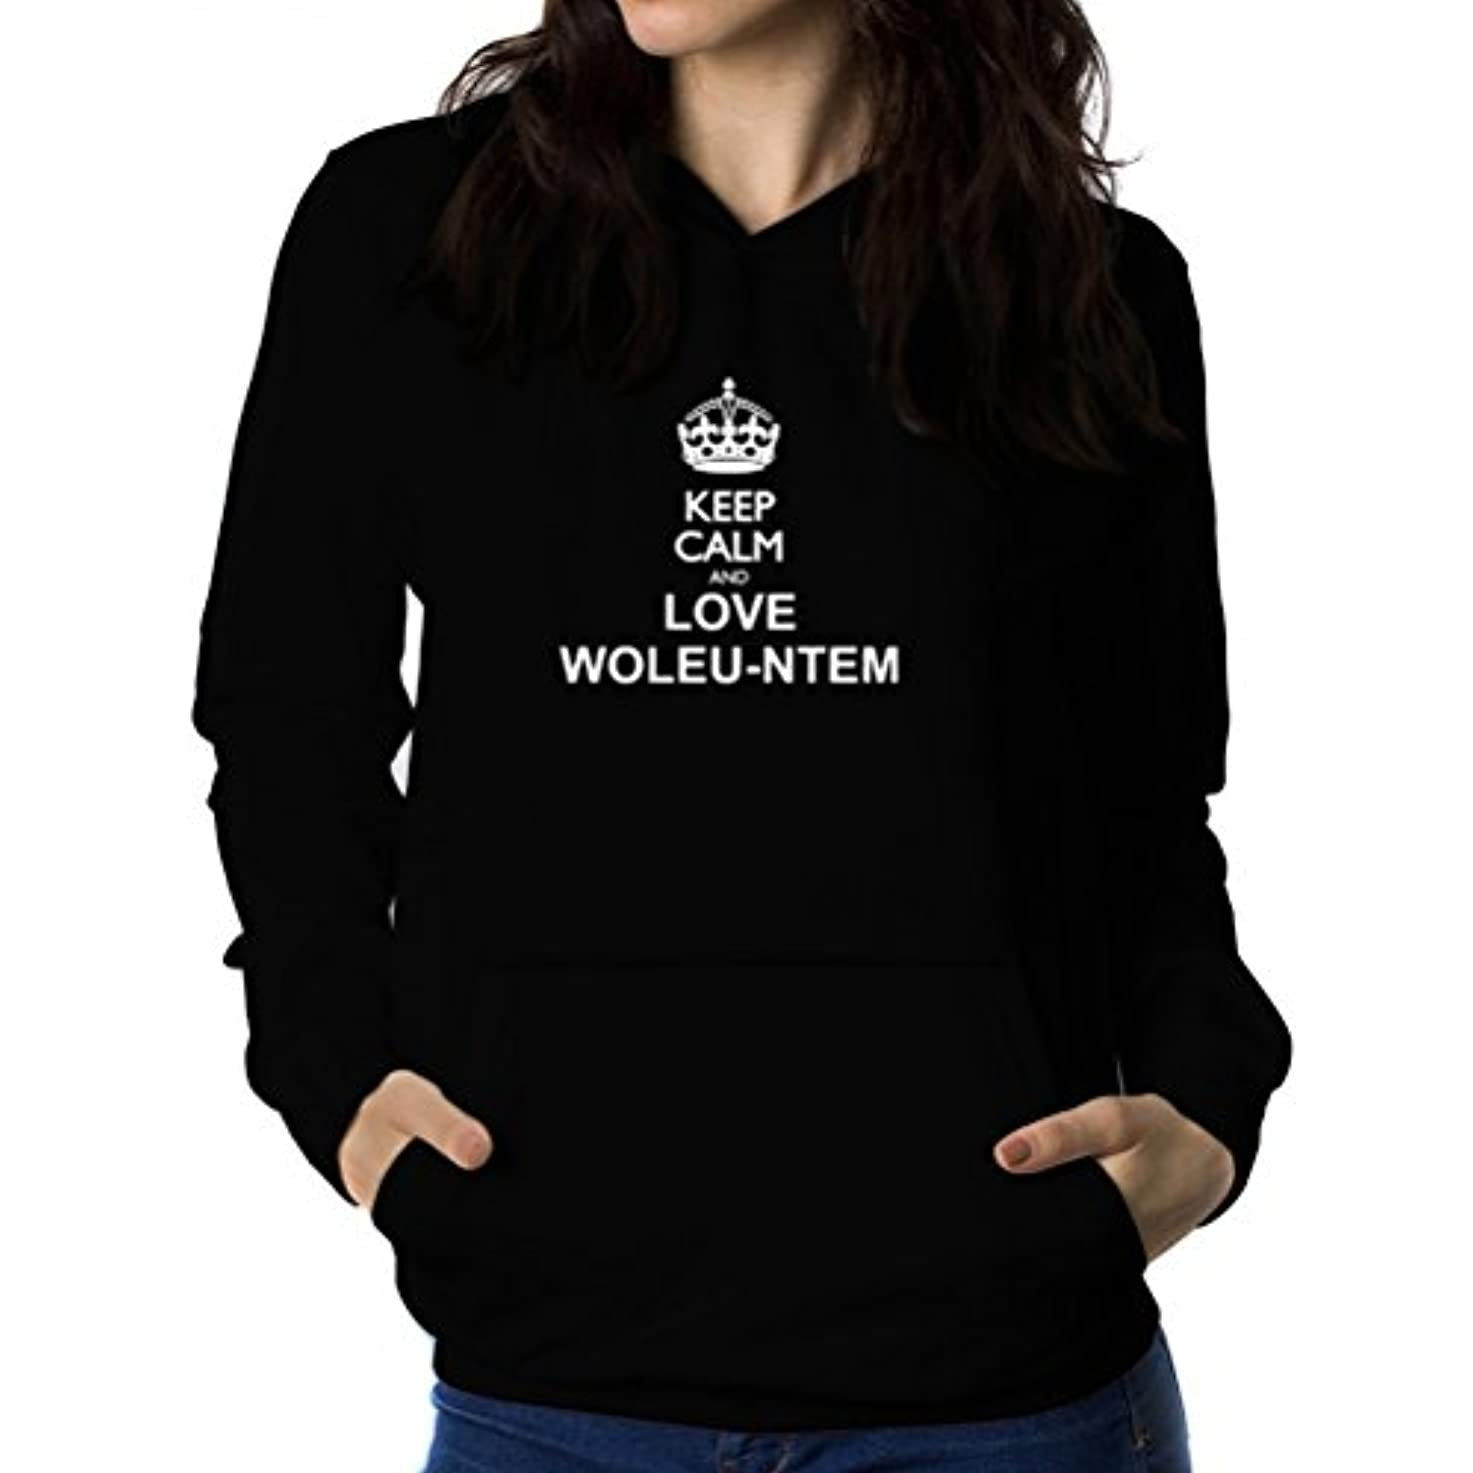 改善犯す名詞Keep calm and love Woleu Ntem 女性 フーディー